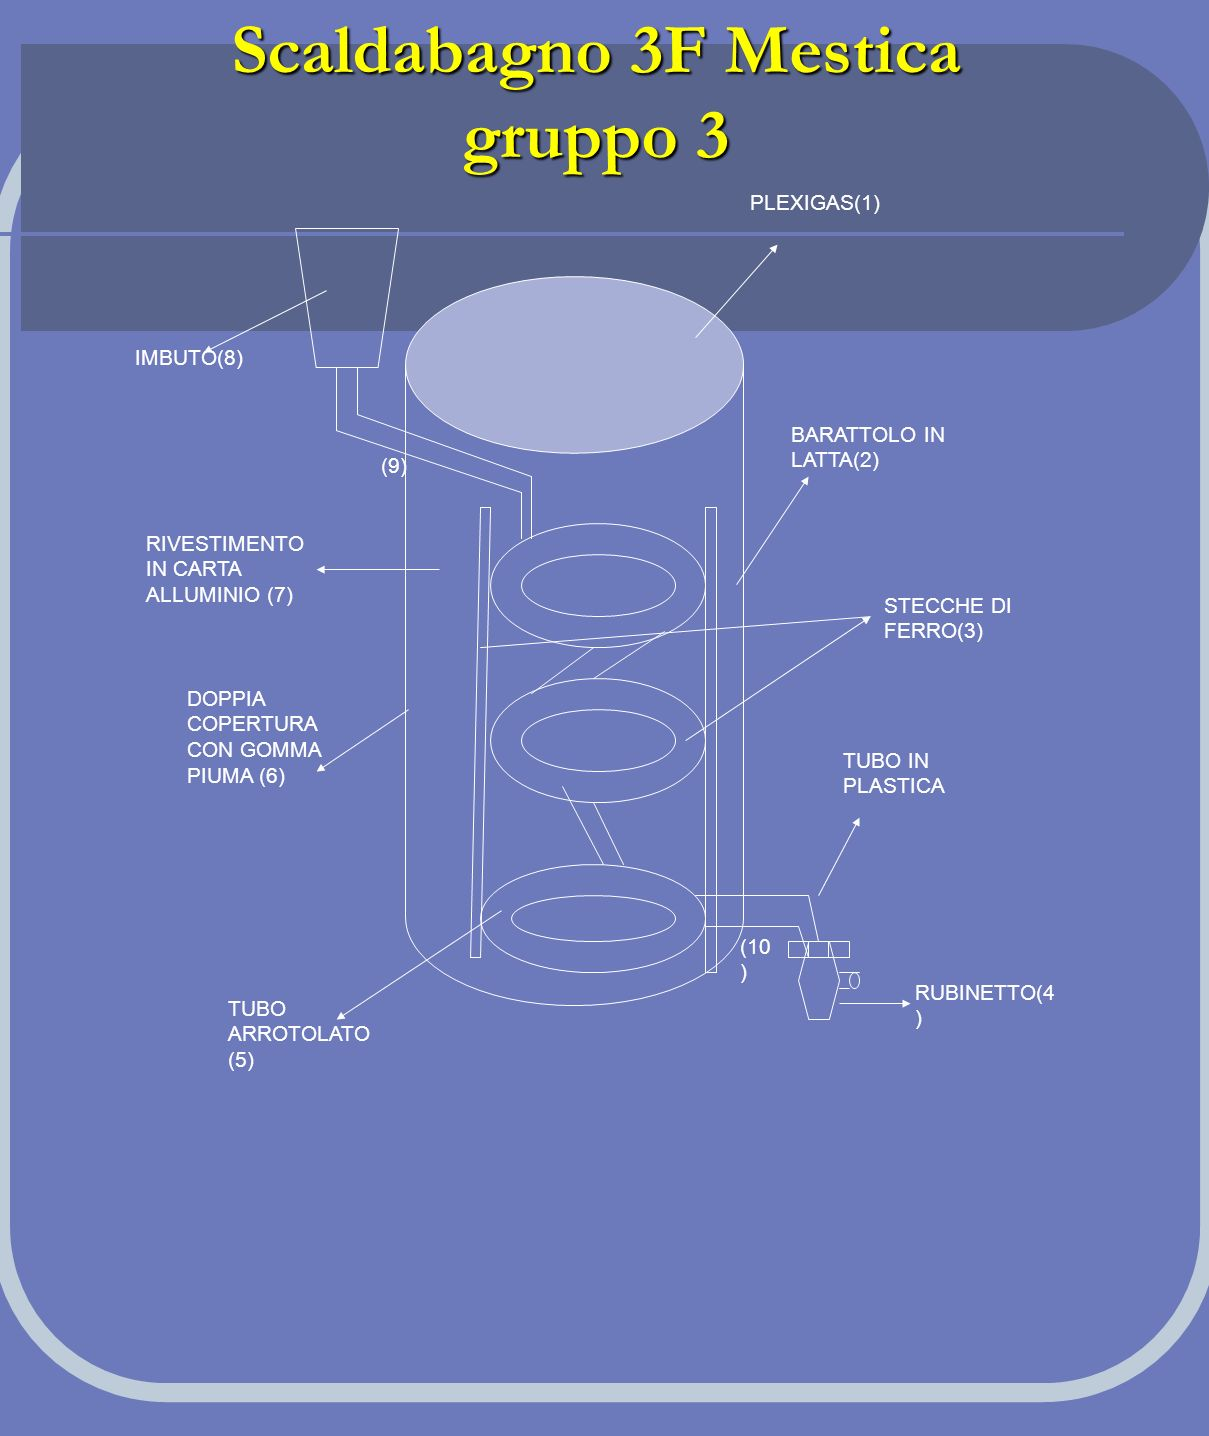 Scaldabagno 3F Mestica gruppo 3 PLEXIGAS(1) BARATTOLO IN LATTA(2) STECCHE DI FERRO(3) TUBO IN PLASTICA RUBINETTO(4 ) IMBUTO(8) RIVESTIMENTO IN CARTA A